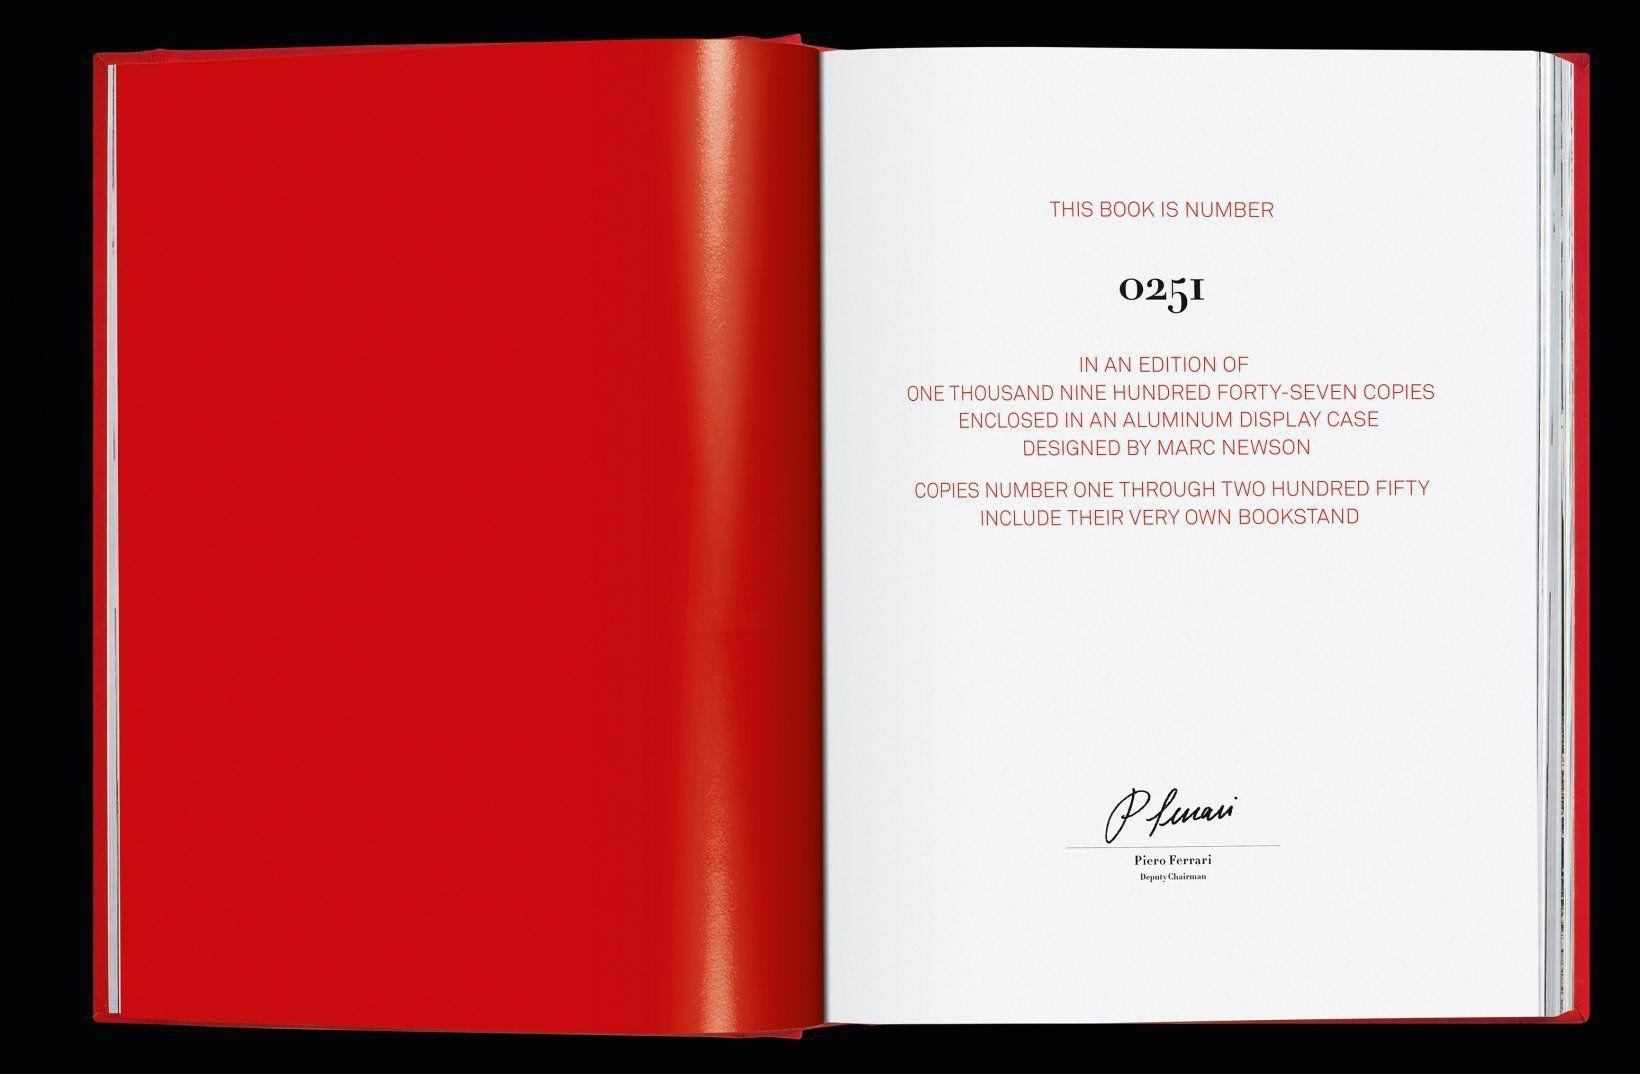 Ferrari page one